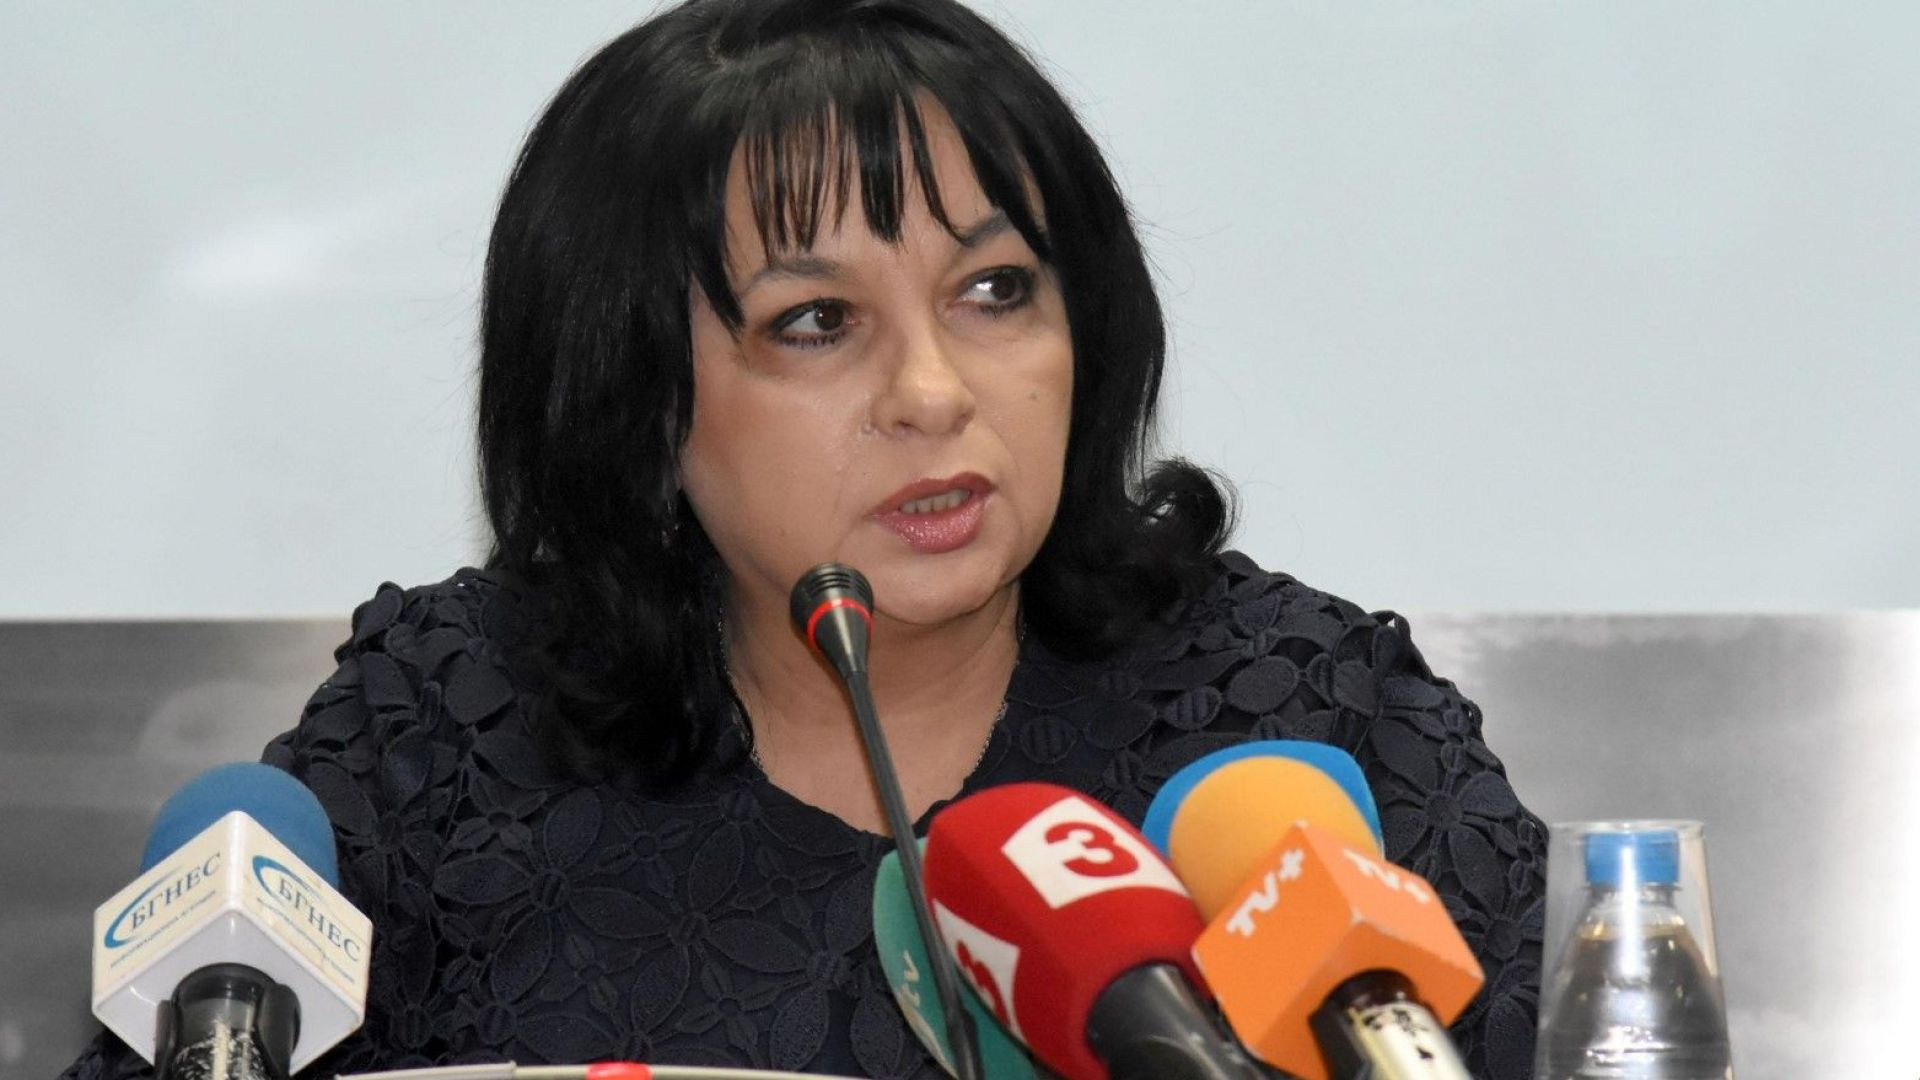 Енергийната борса работи по правилата на ЕС, заяви Теменужка Петкова след обвиненията от бизнеса към НЕК